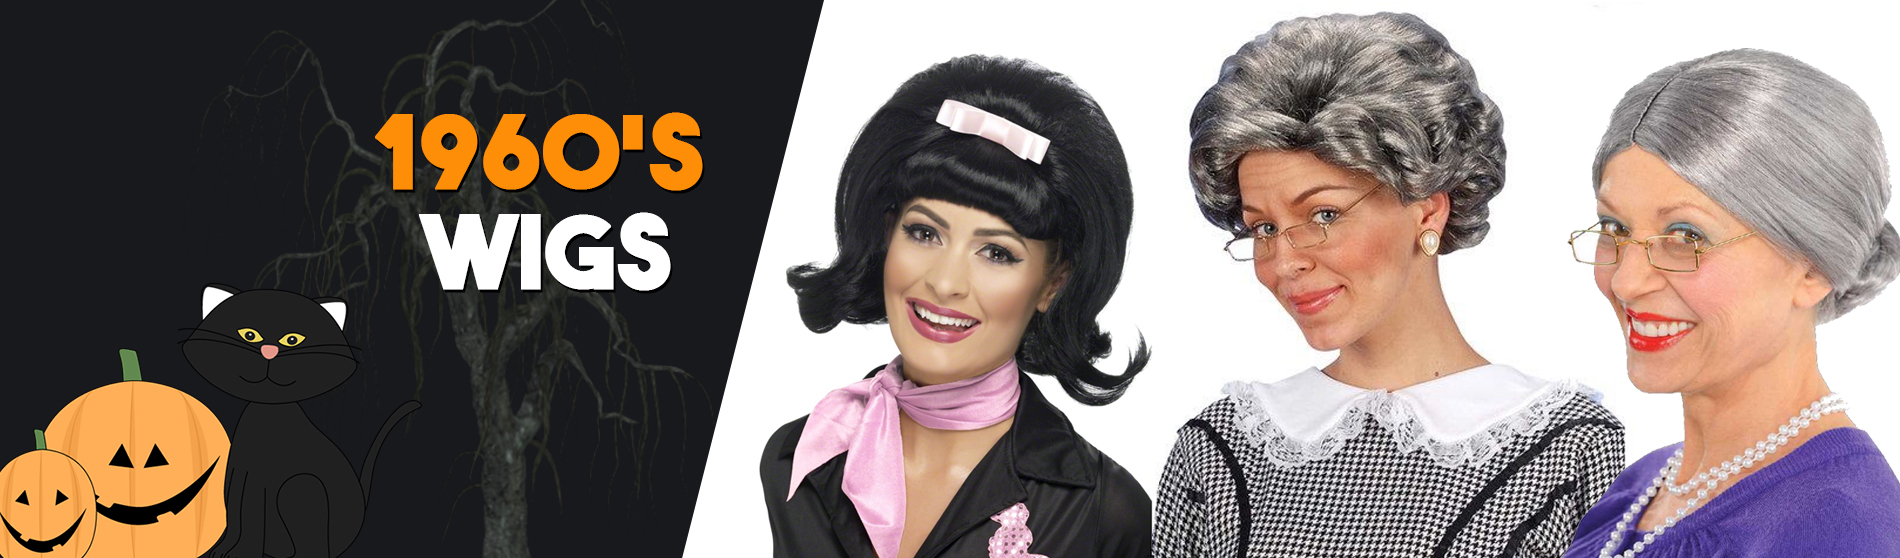 1960s-wigs